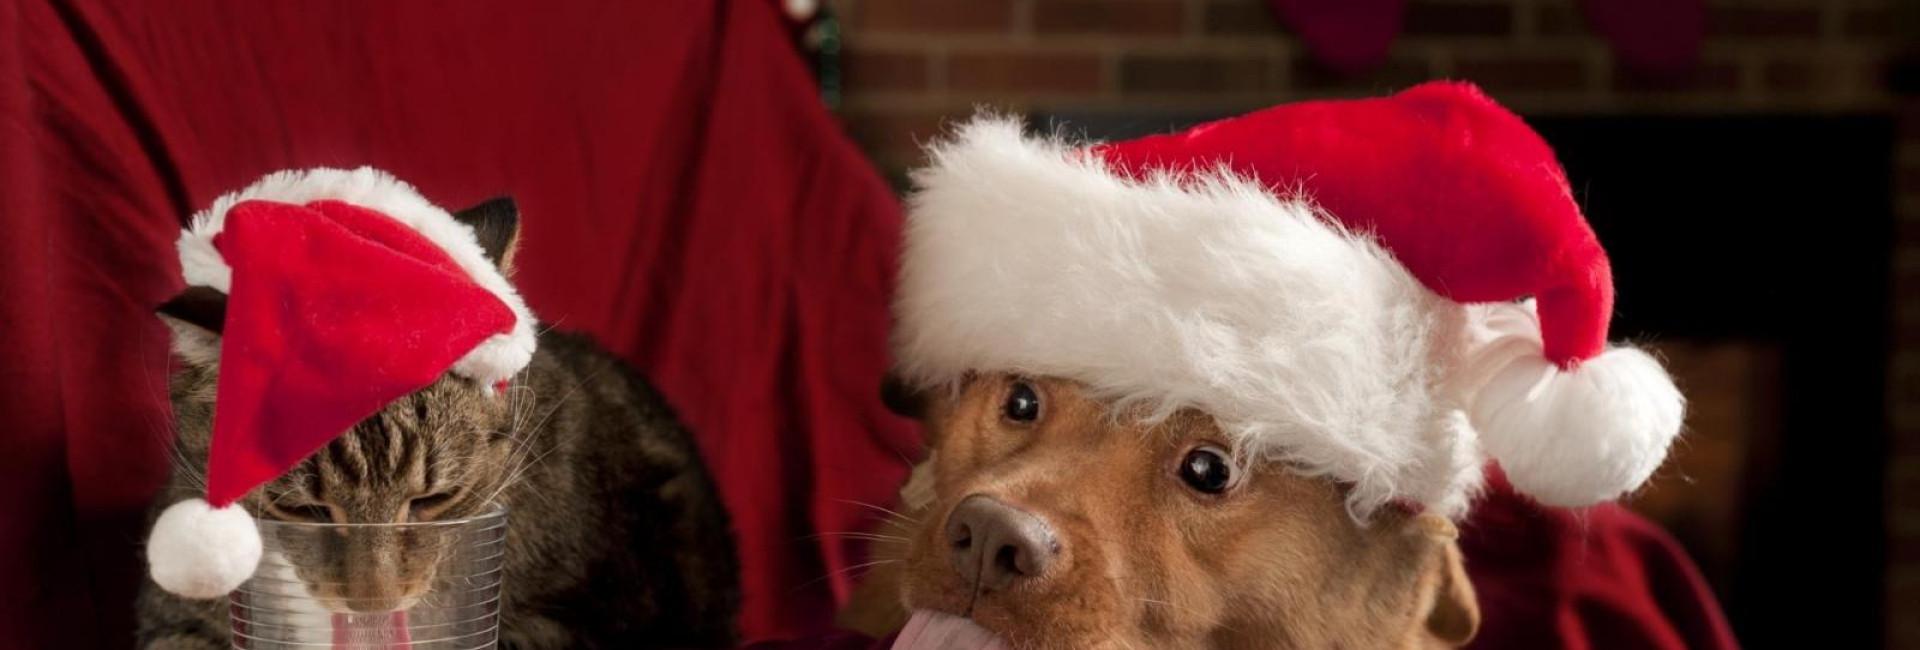 Festas de fim de ano: seu pet pode participar, mas é preciso cuidado com a intoxicação alimentar.